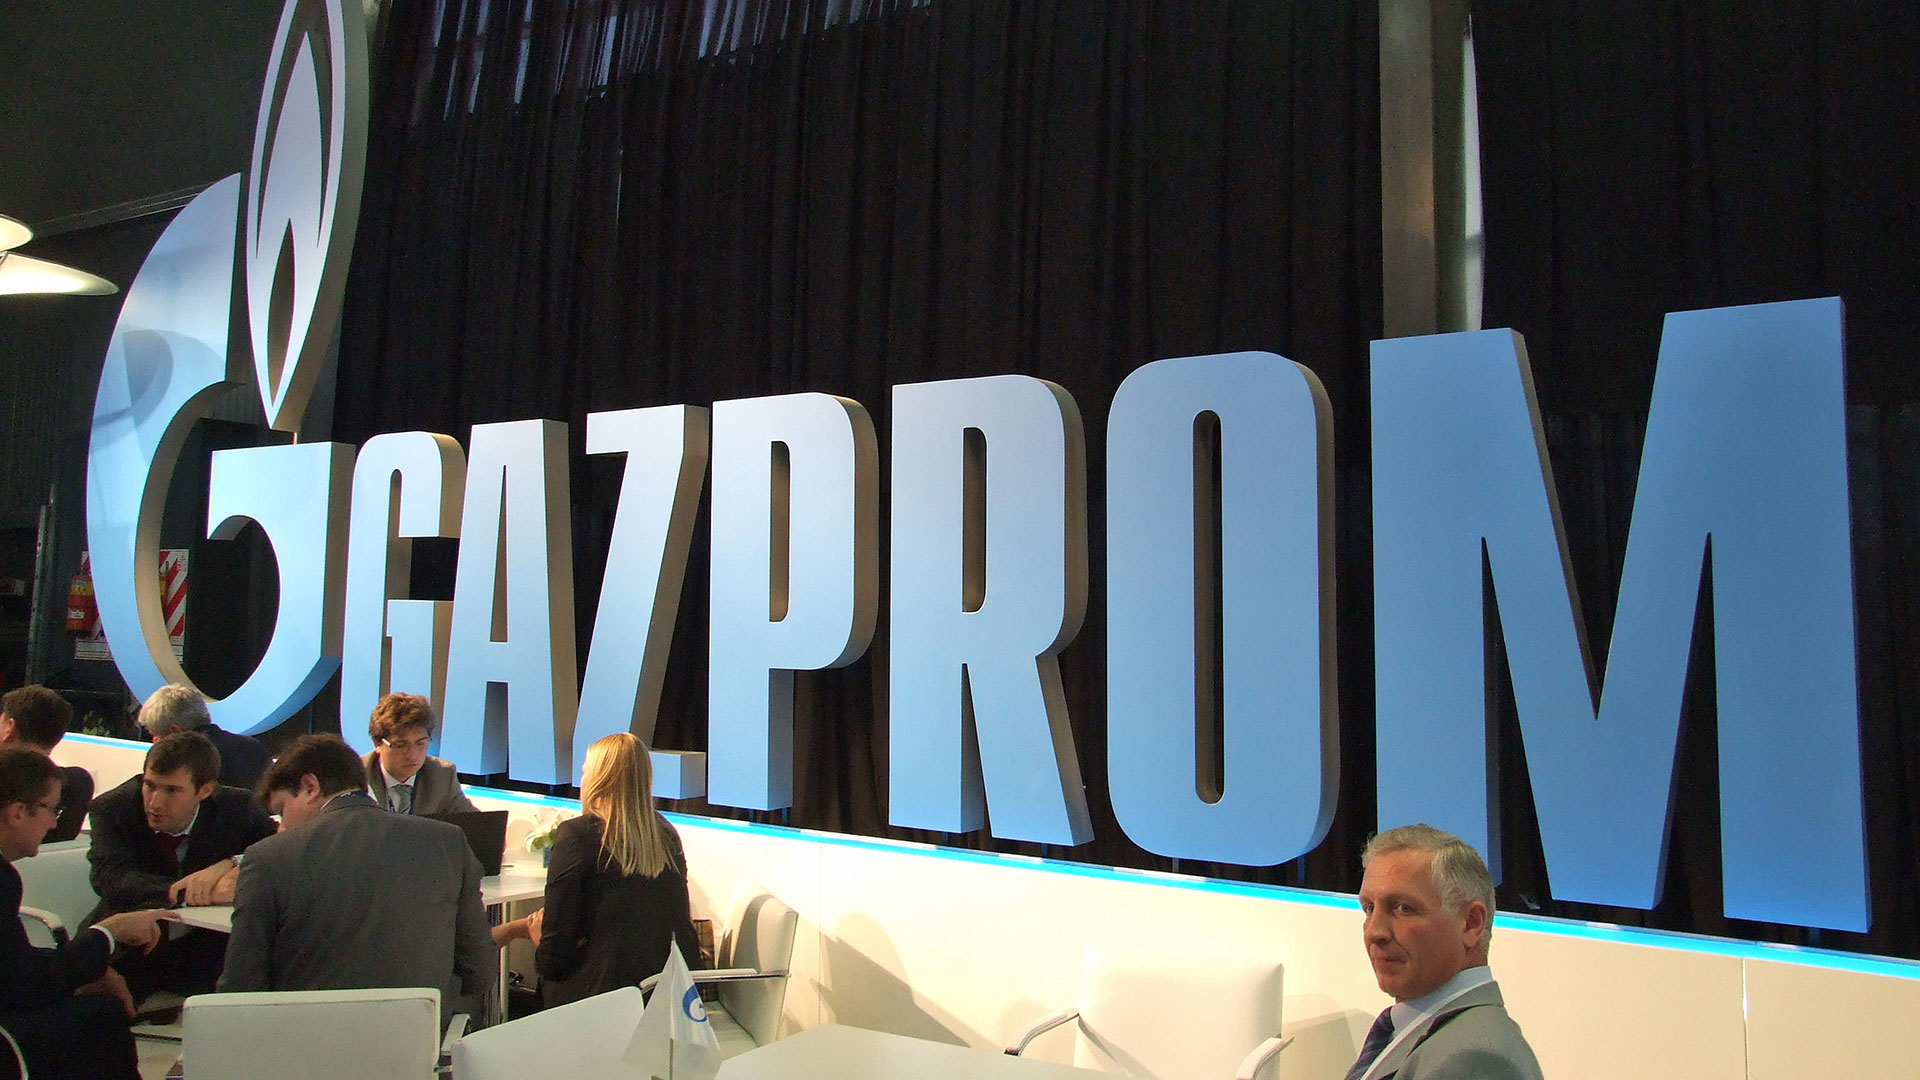 Gazprom: Diese Nachricht ist keine gute